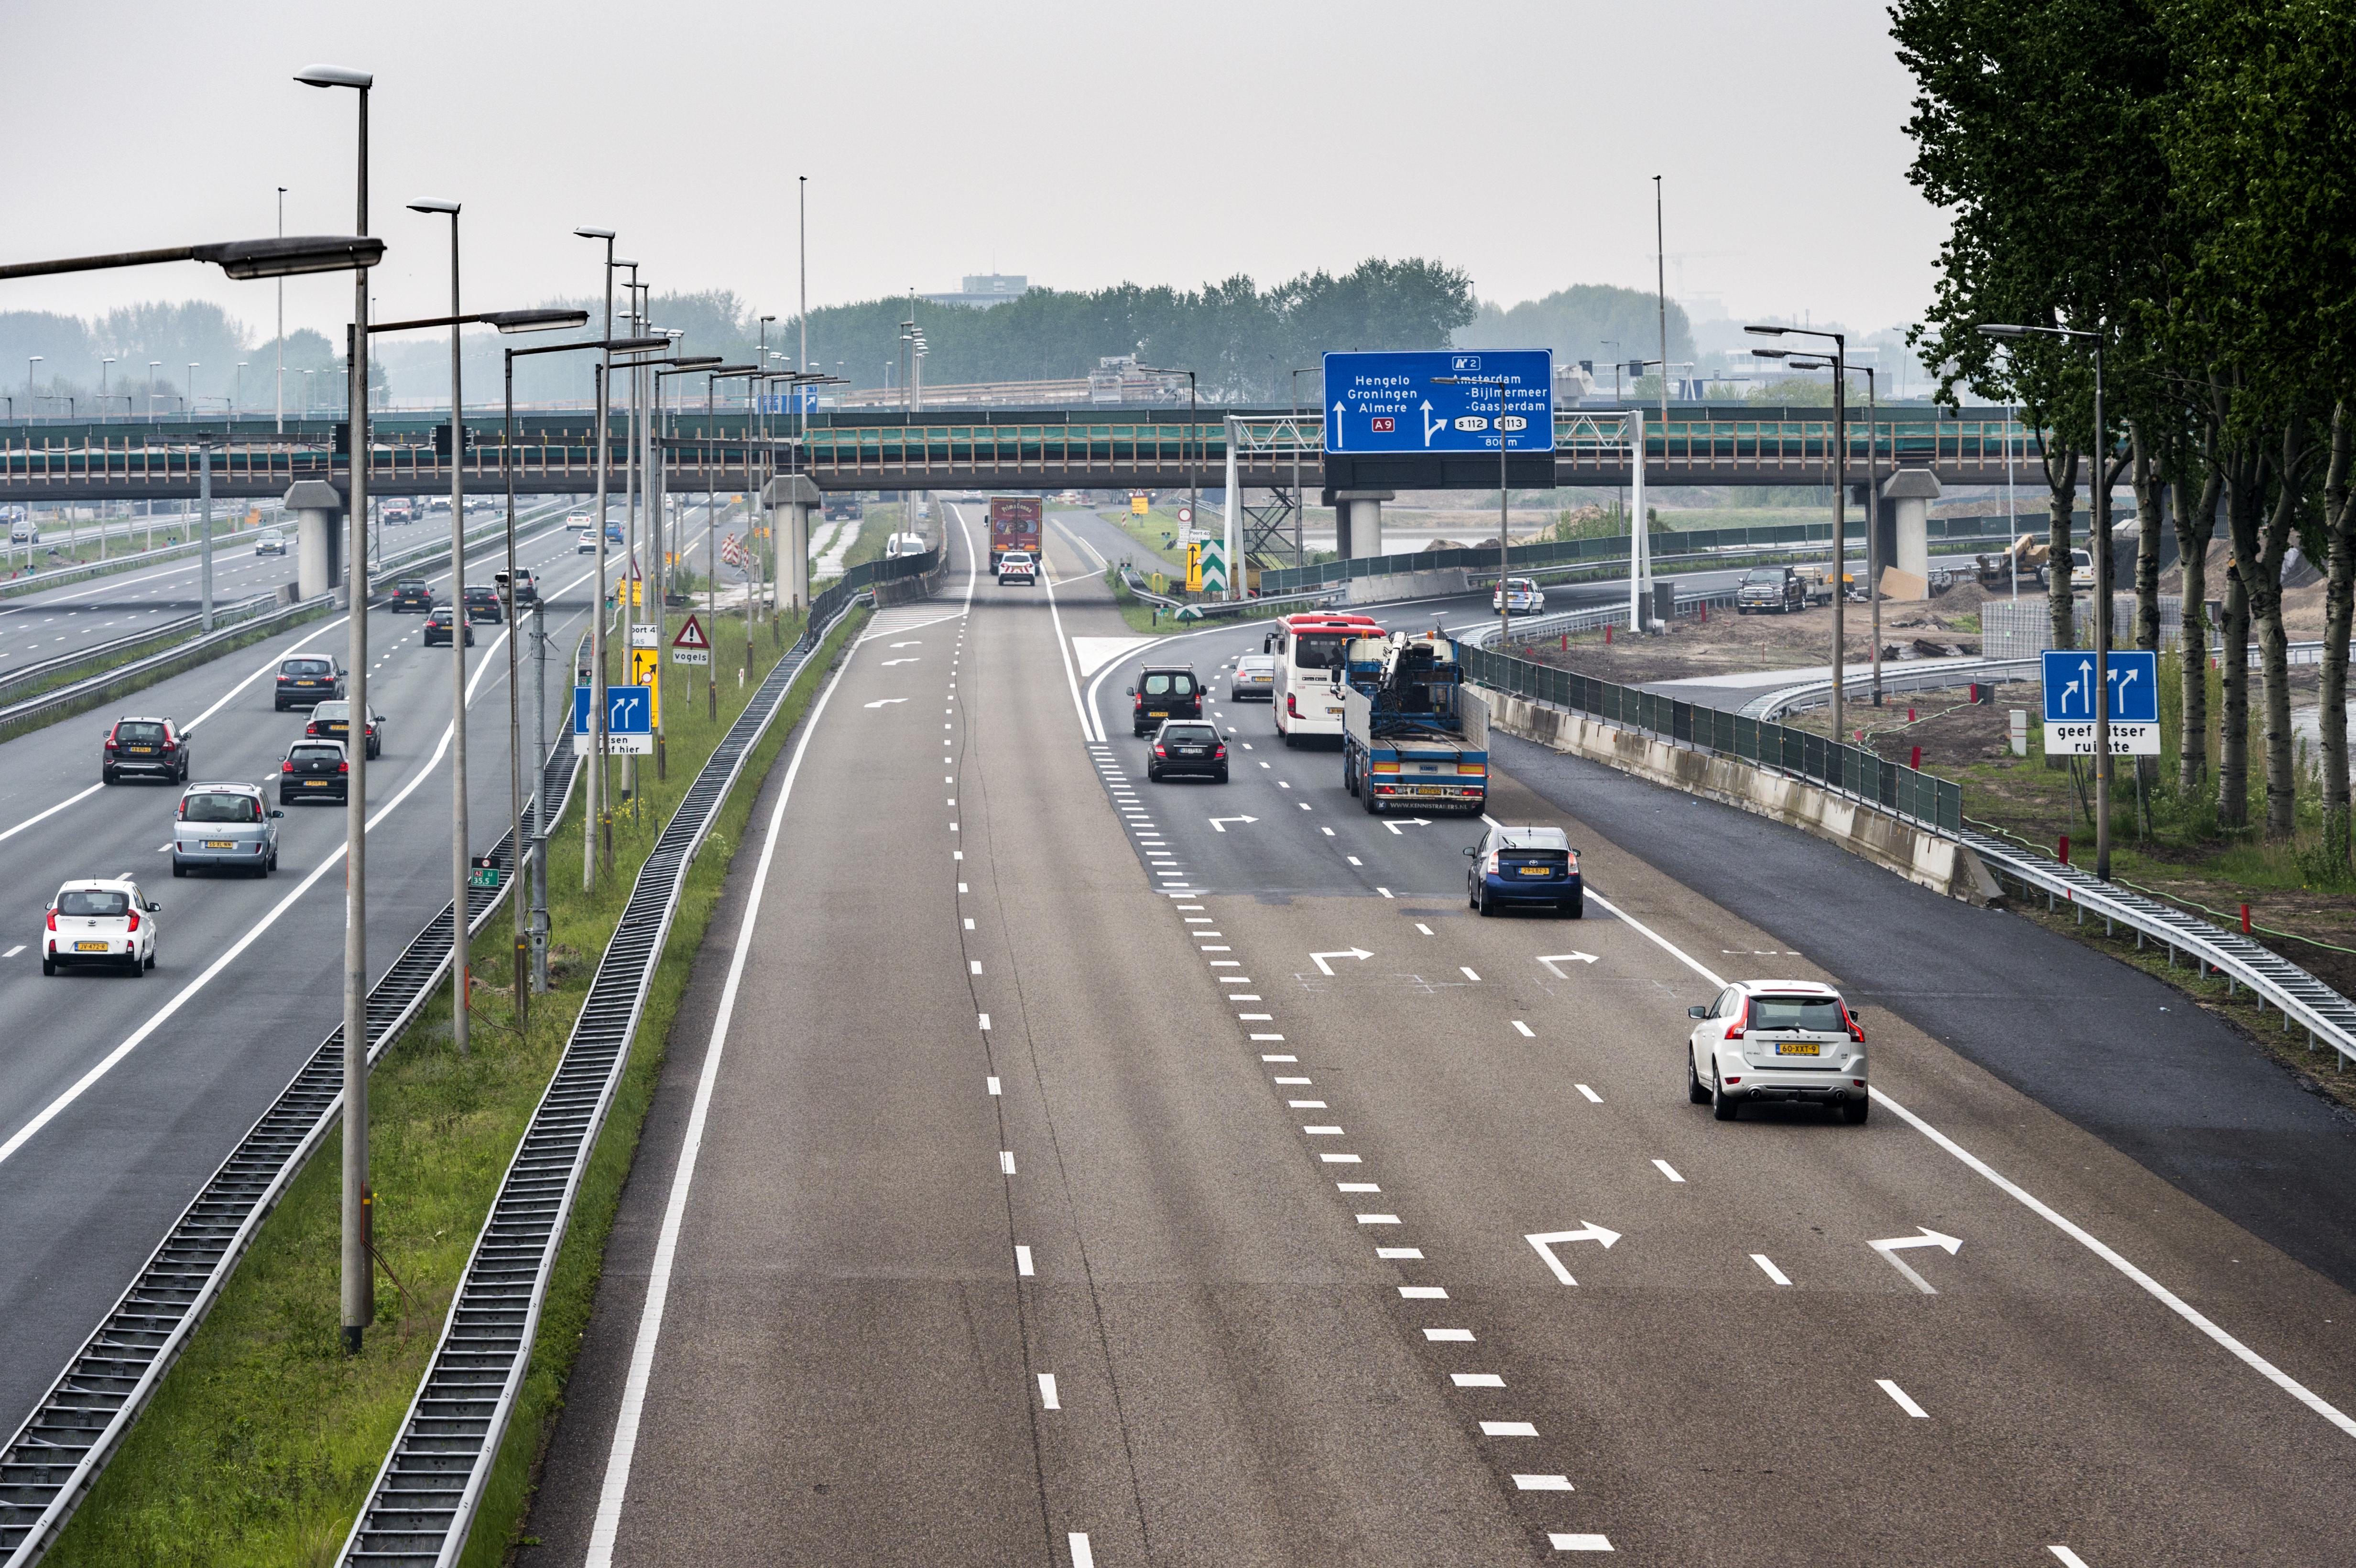 Tuin Asfalteren Kosten : 5000 ton asfalt nieuwe verbindingsweg a2 rijkswaterstaat